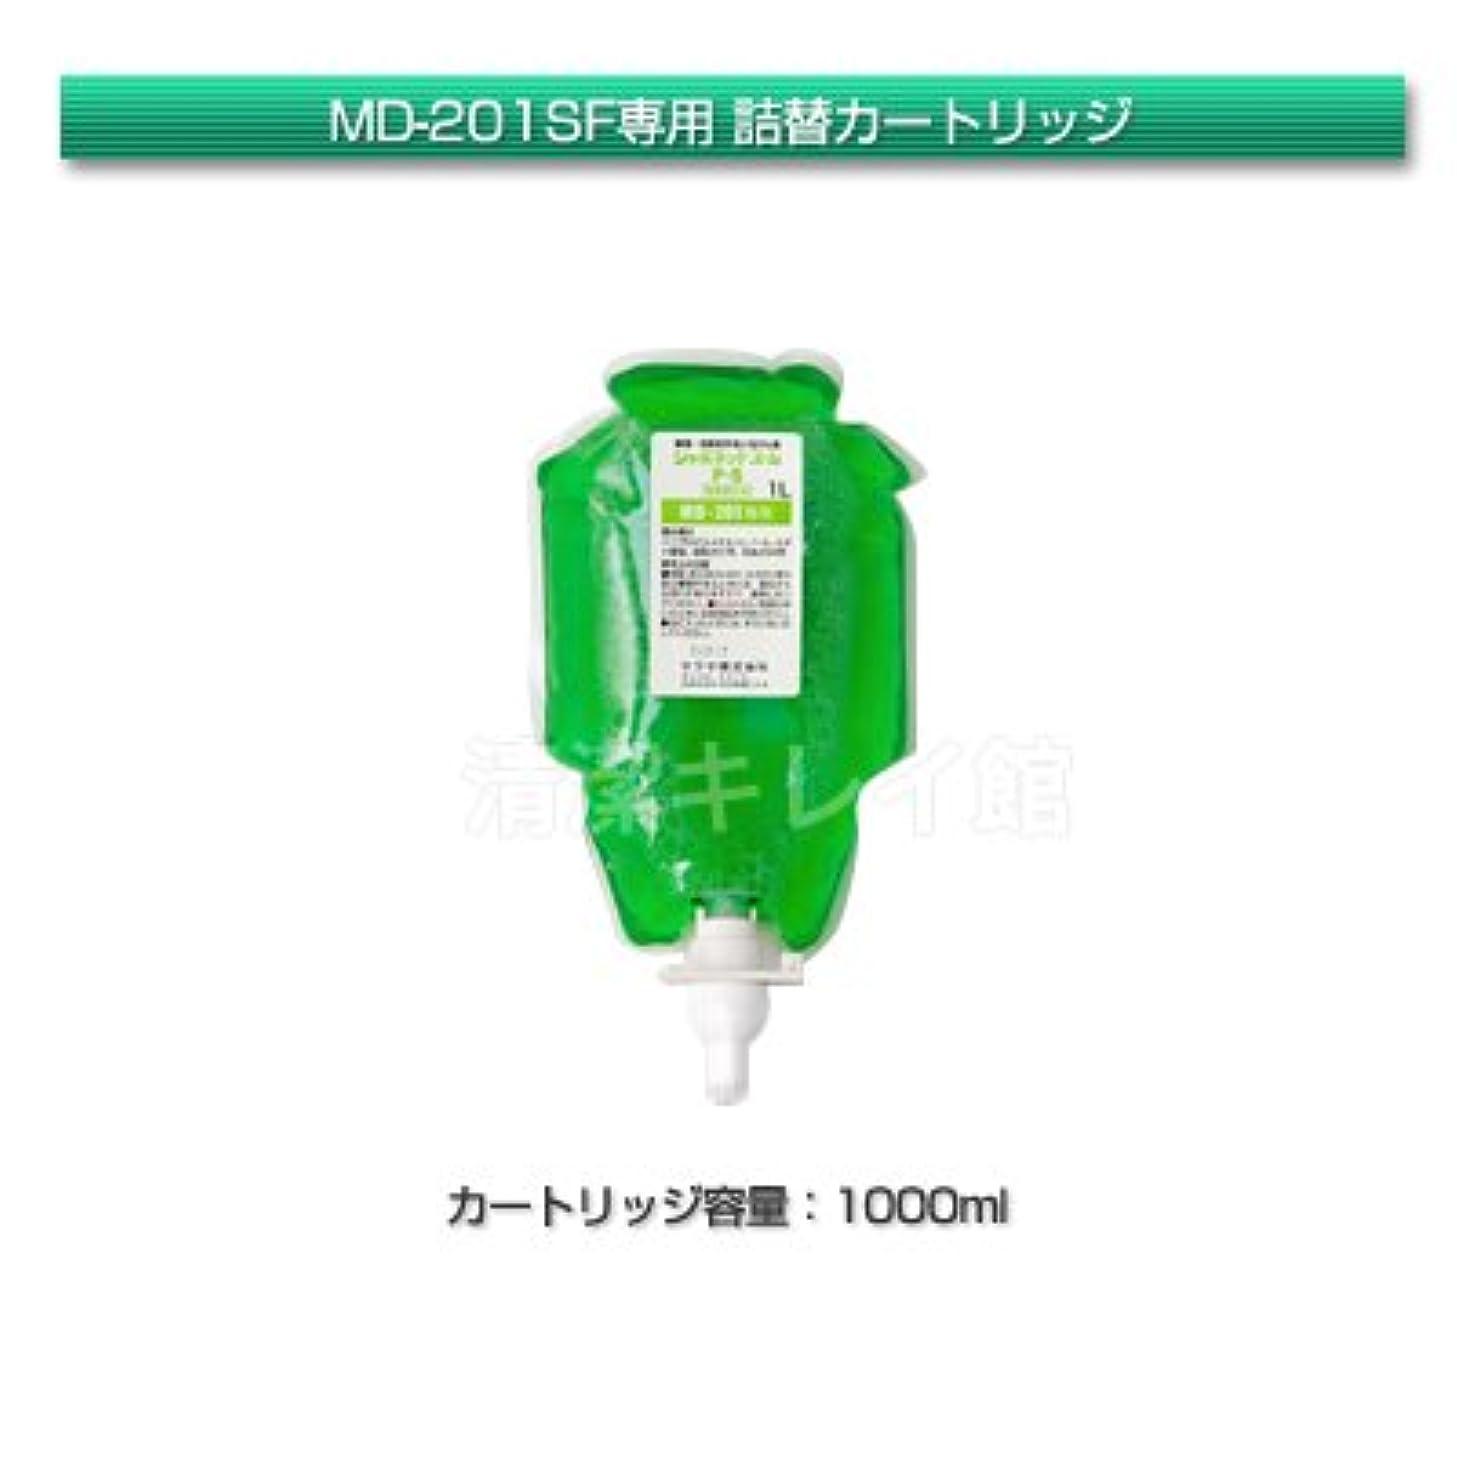 アルファベットアクティビティ鎮静剤サラヤ プッシュ式石鹸液 MD-201SF(泡)専用カートリッジ(ユムP-5)1000ml【清潔キレイ館】